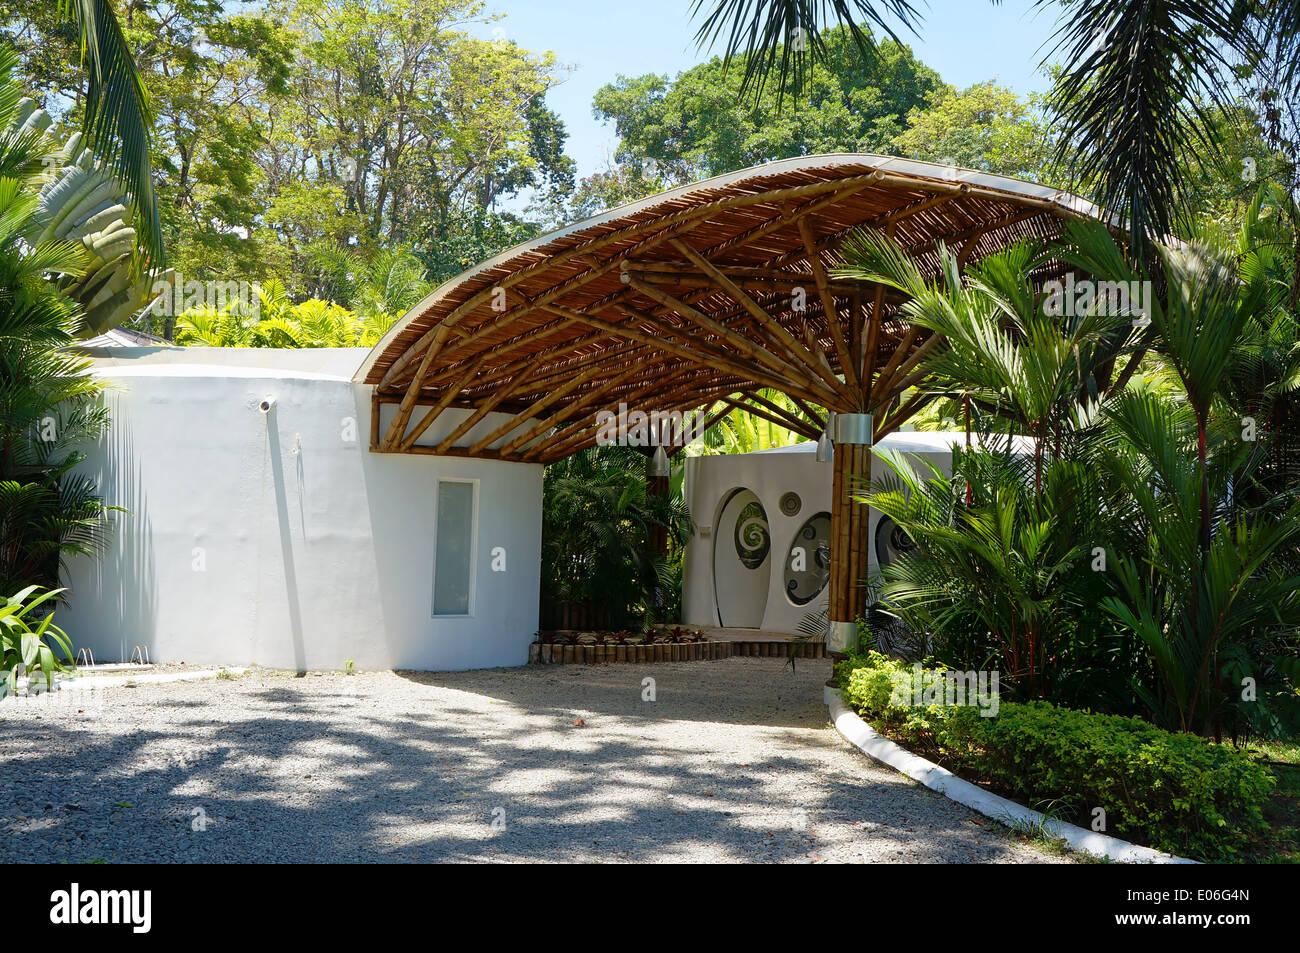 Architettura tropicali, entrata coperta realizzato con bambù, Caraibi, Puerto Viejo, Costa Rica Immagini Stock